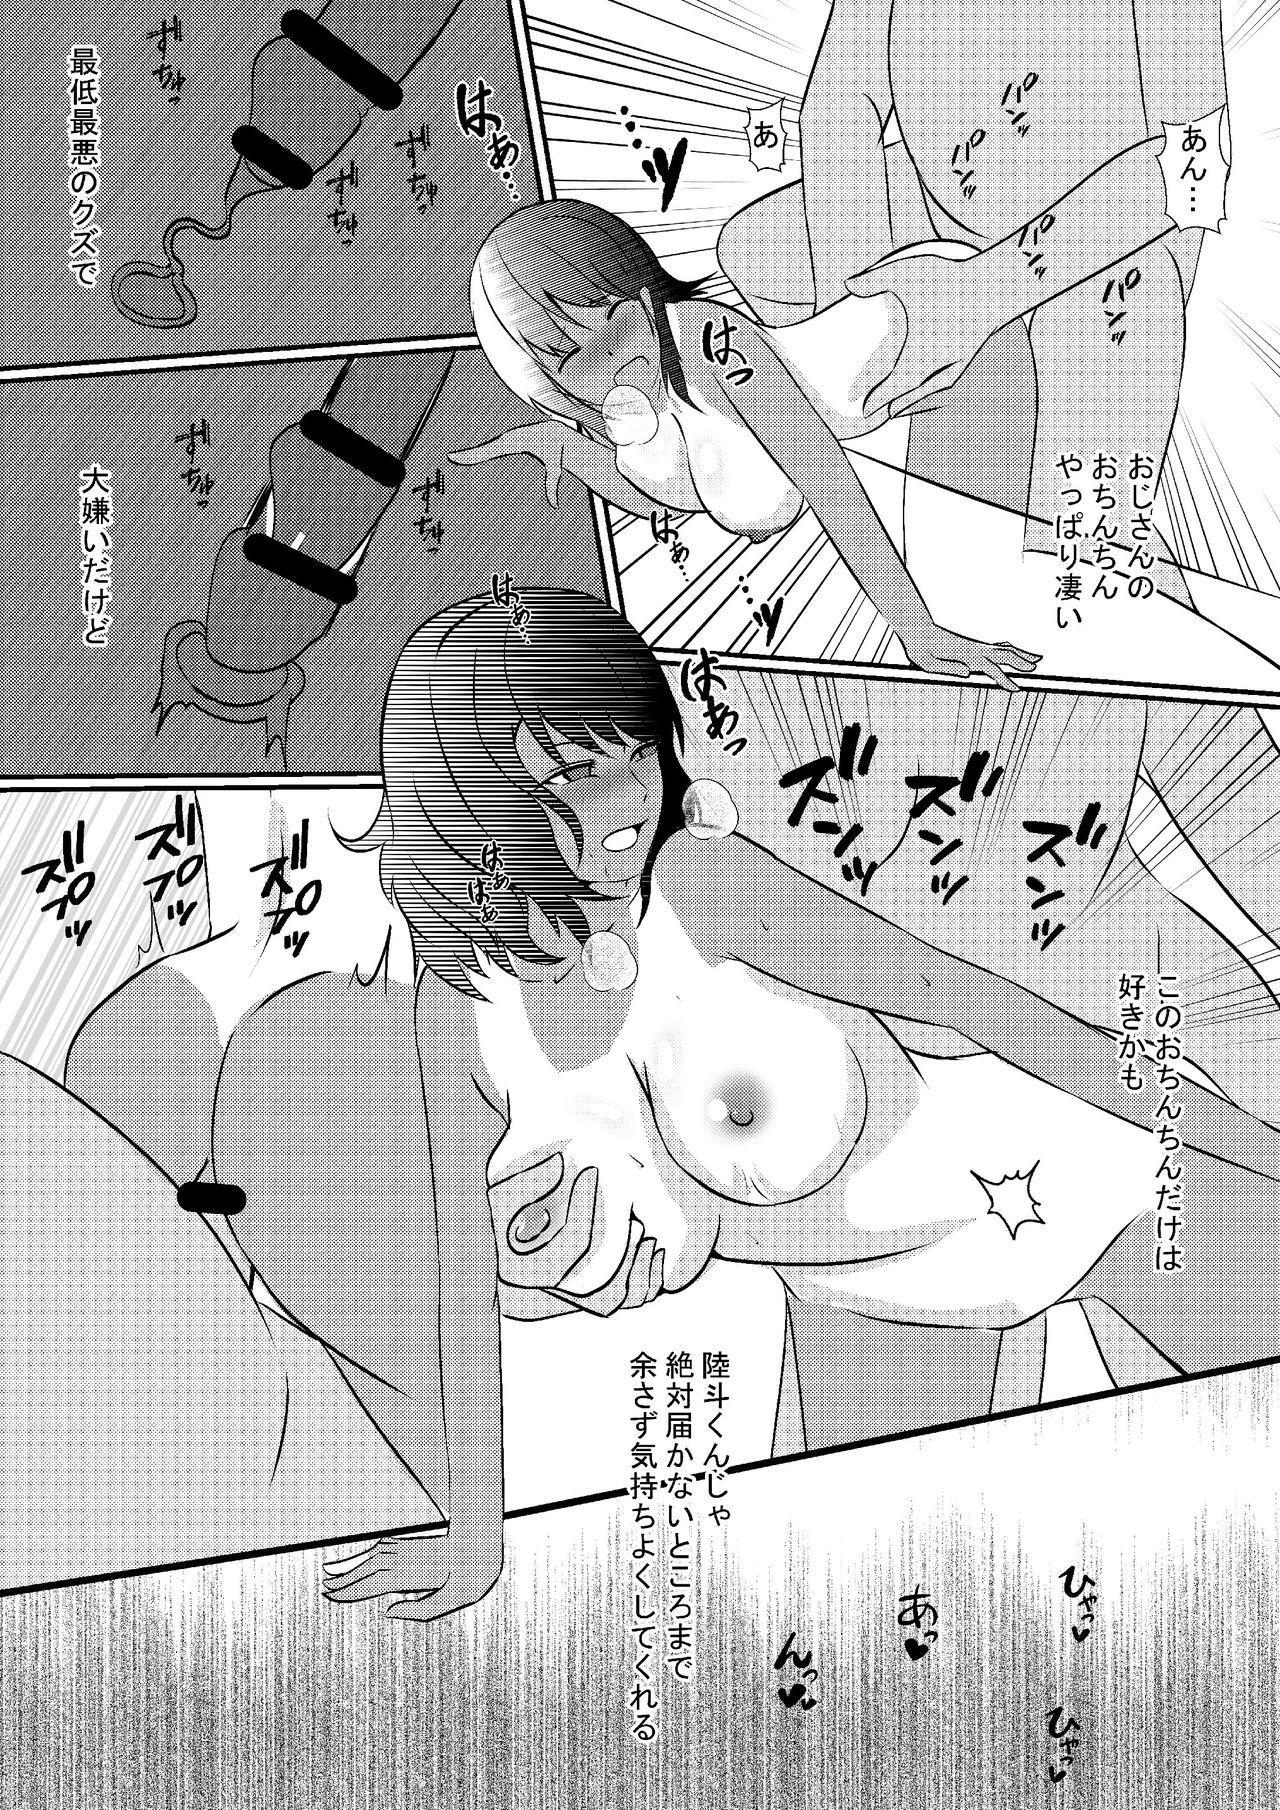 Musuko no Kanojo o Netoru Chichioya 26